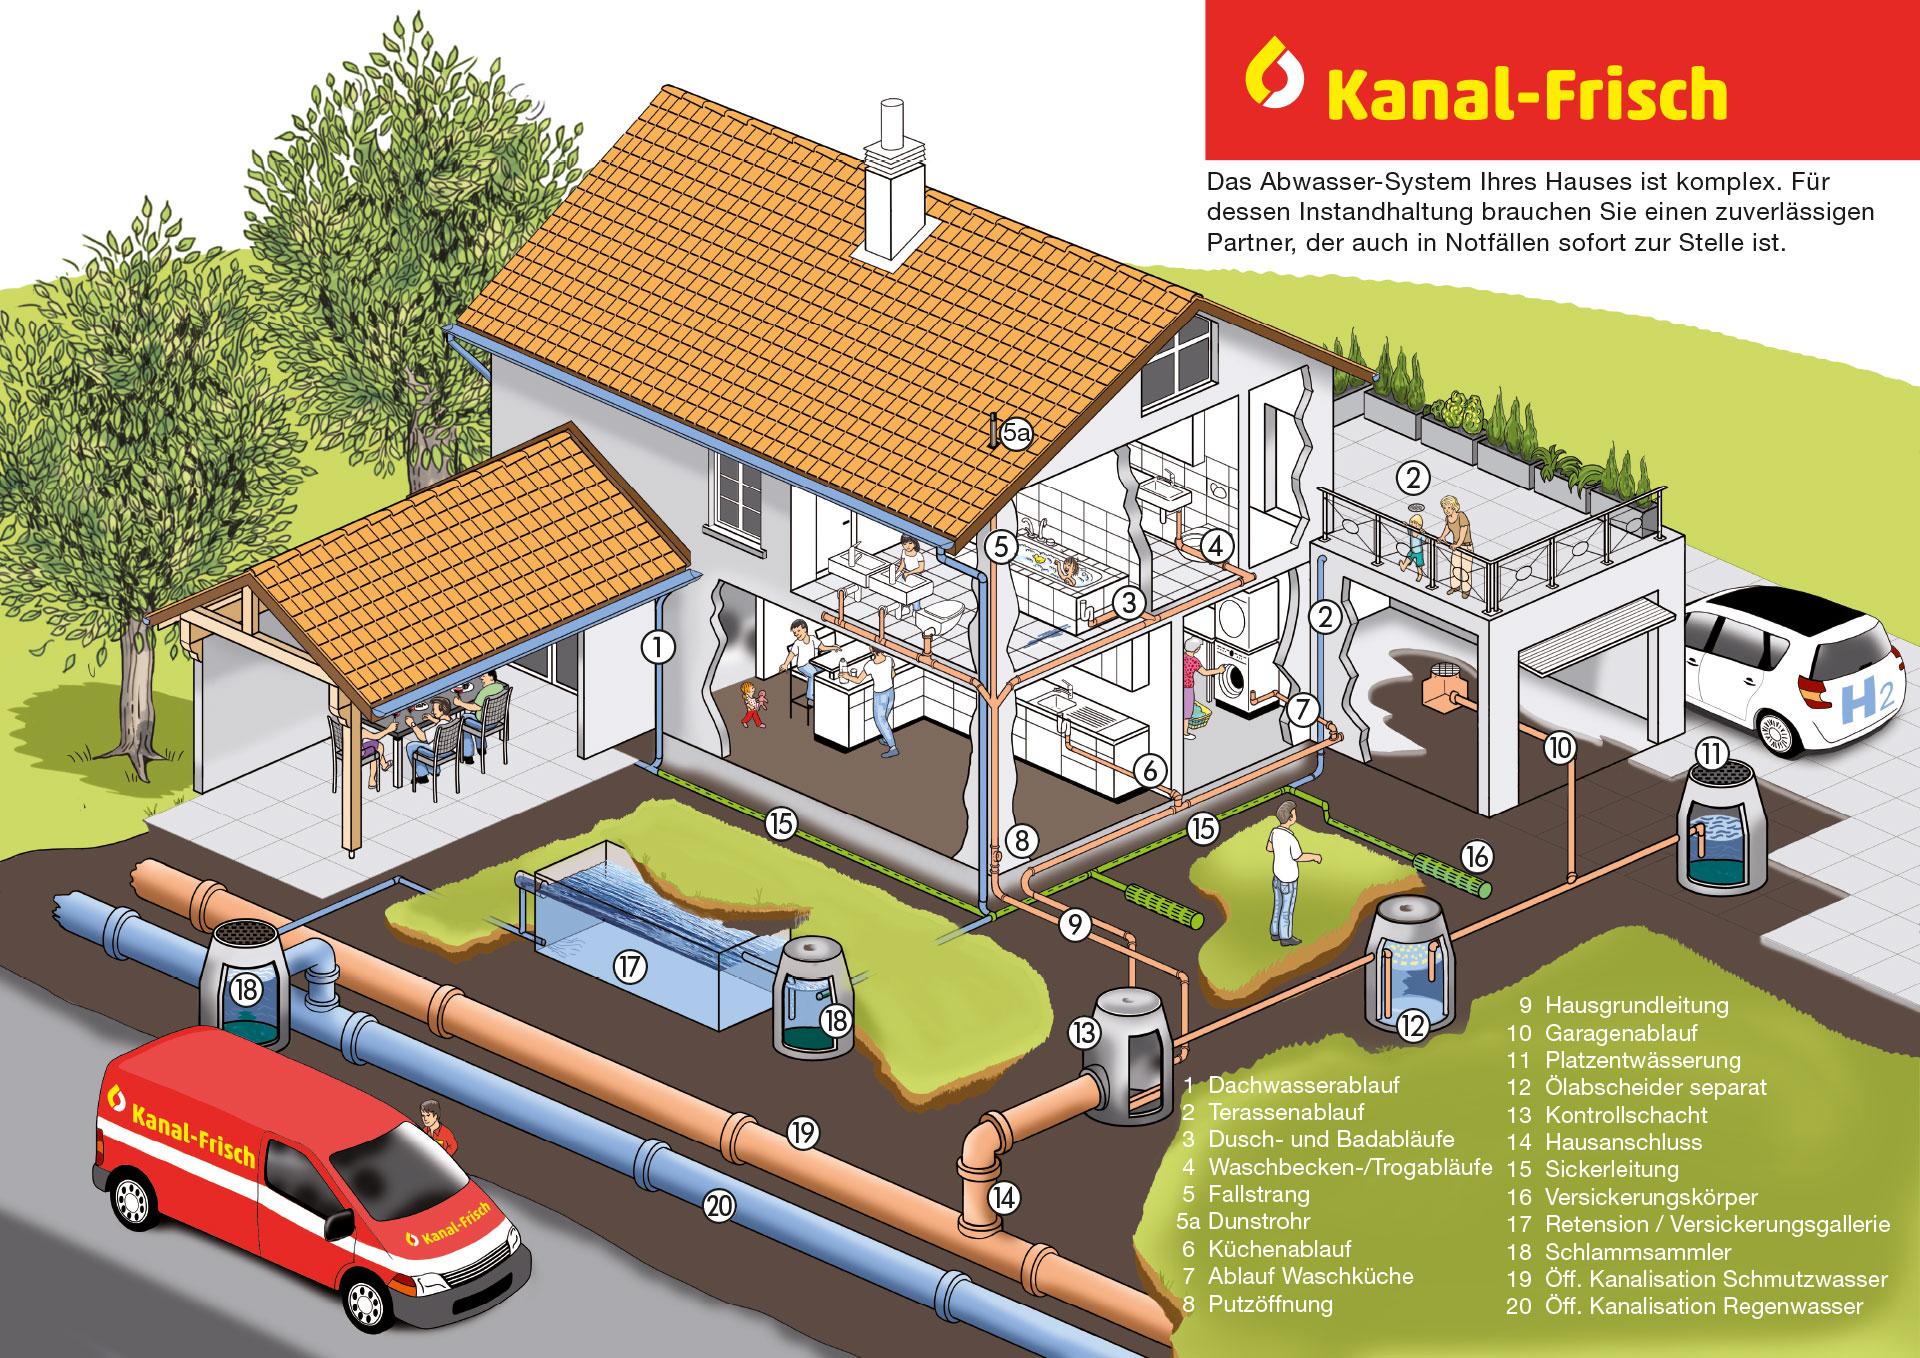 Abwassersystem-Kanalreinigung-Kanal-Frisch